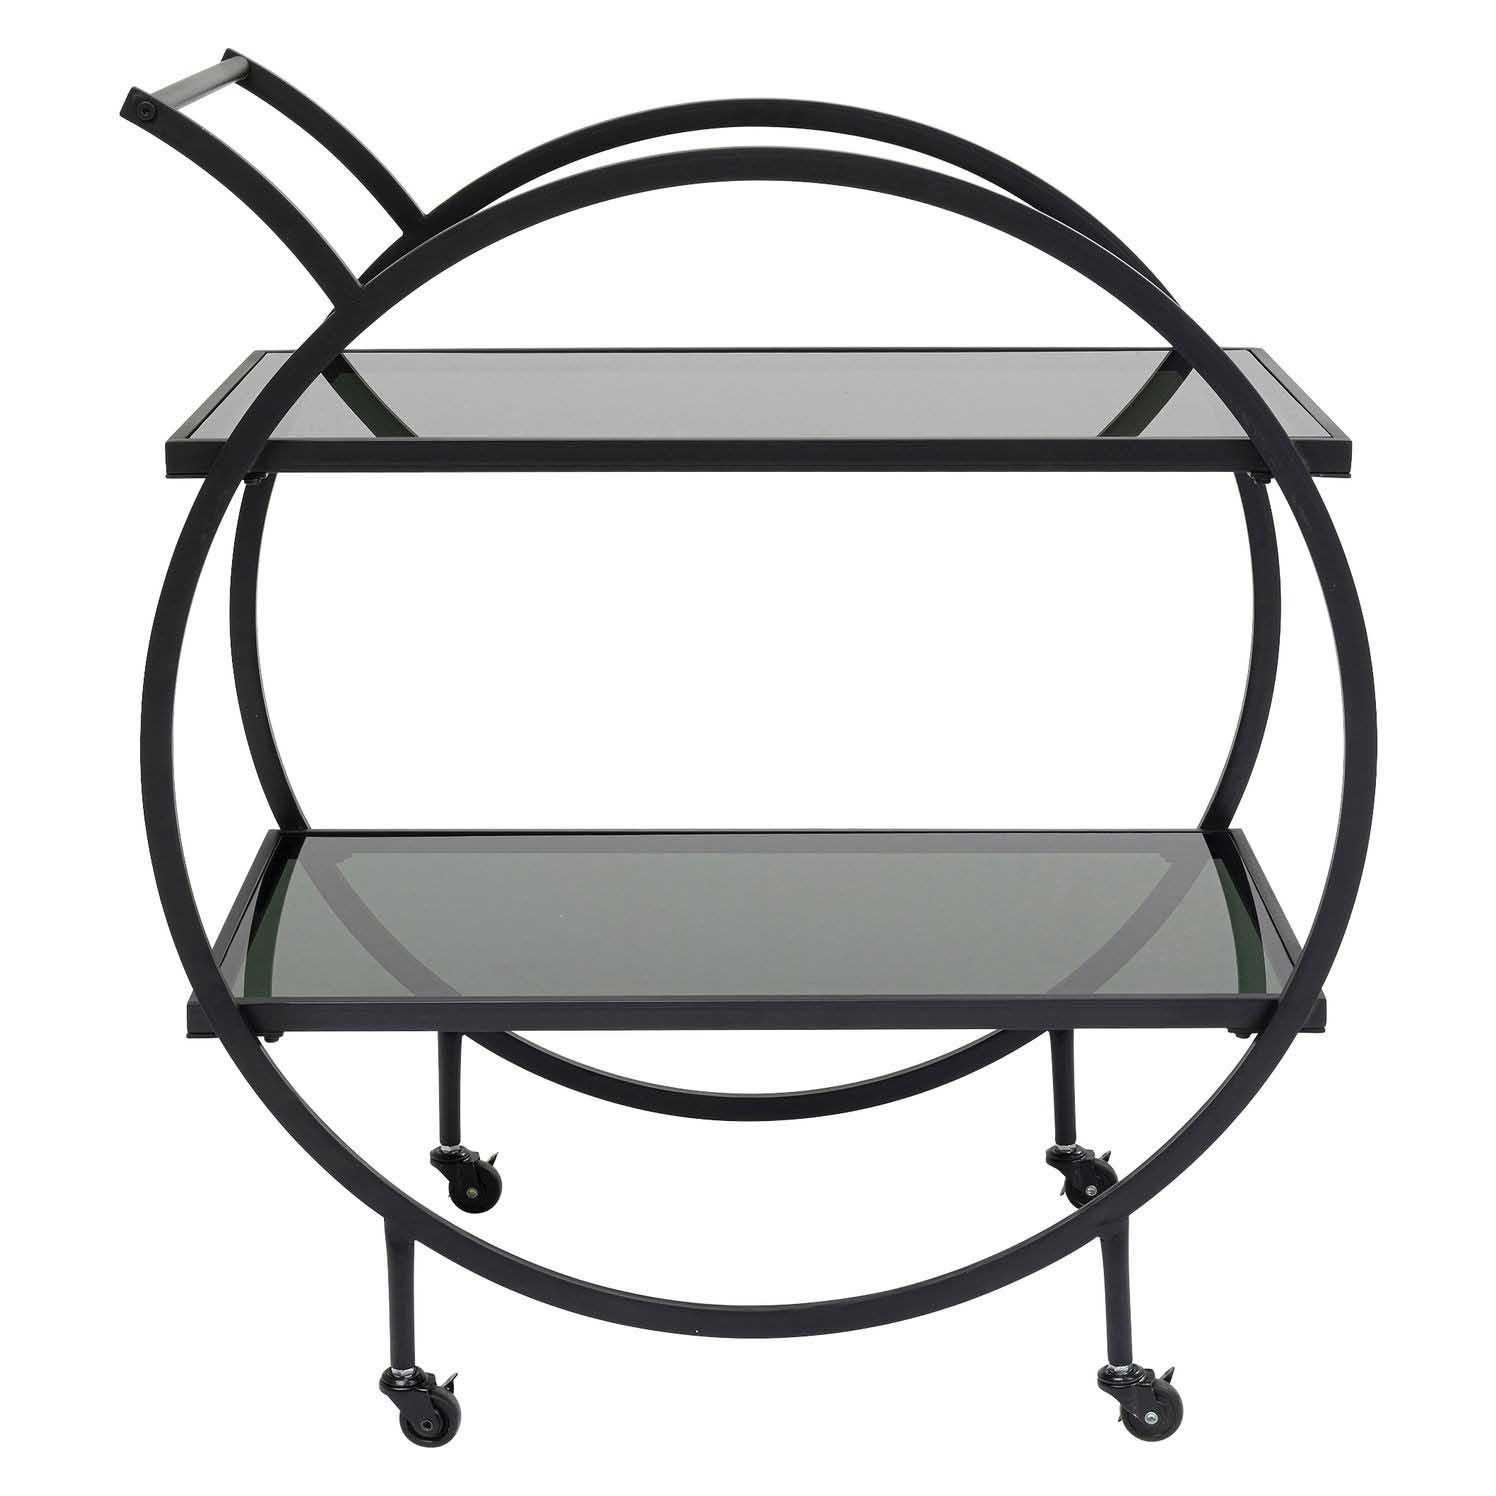 KARE DESIGN Loft Black rullebord, m. hylde - sort glas og stål